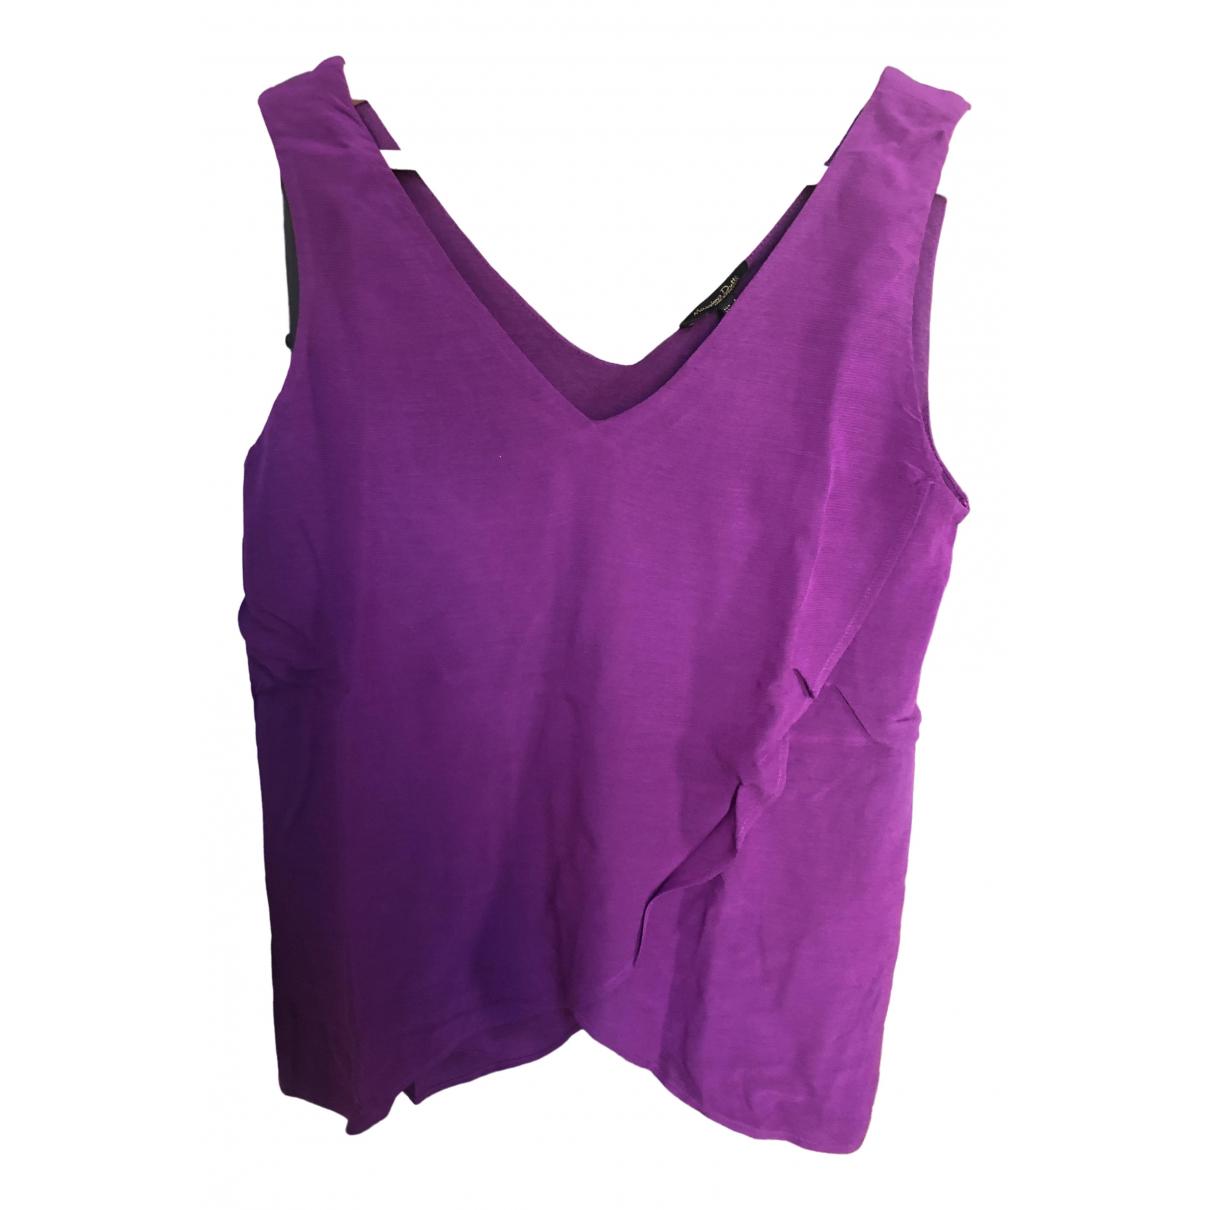 Massimo Dutti - Top   pour femme - violet